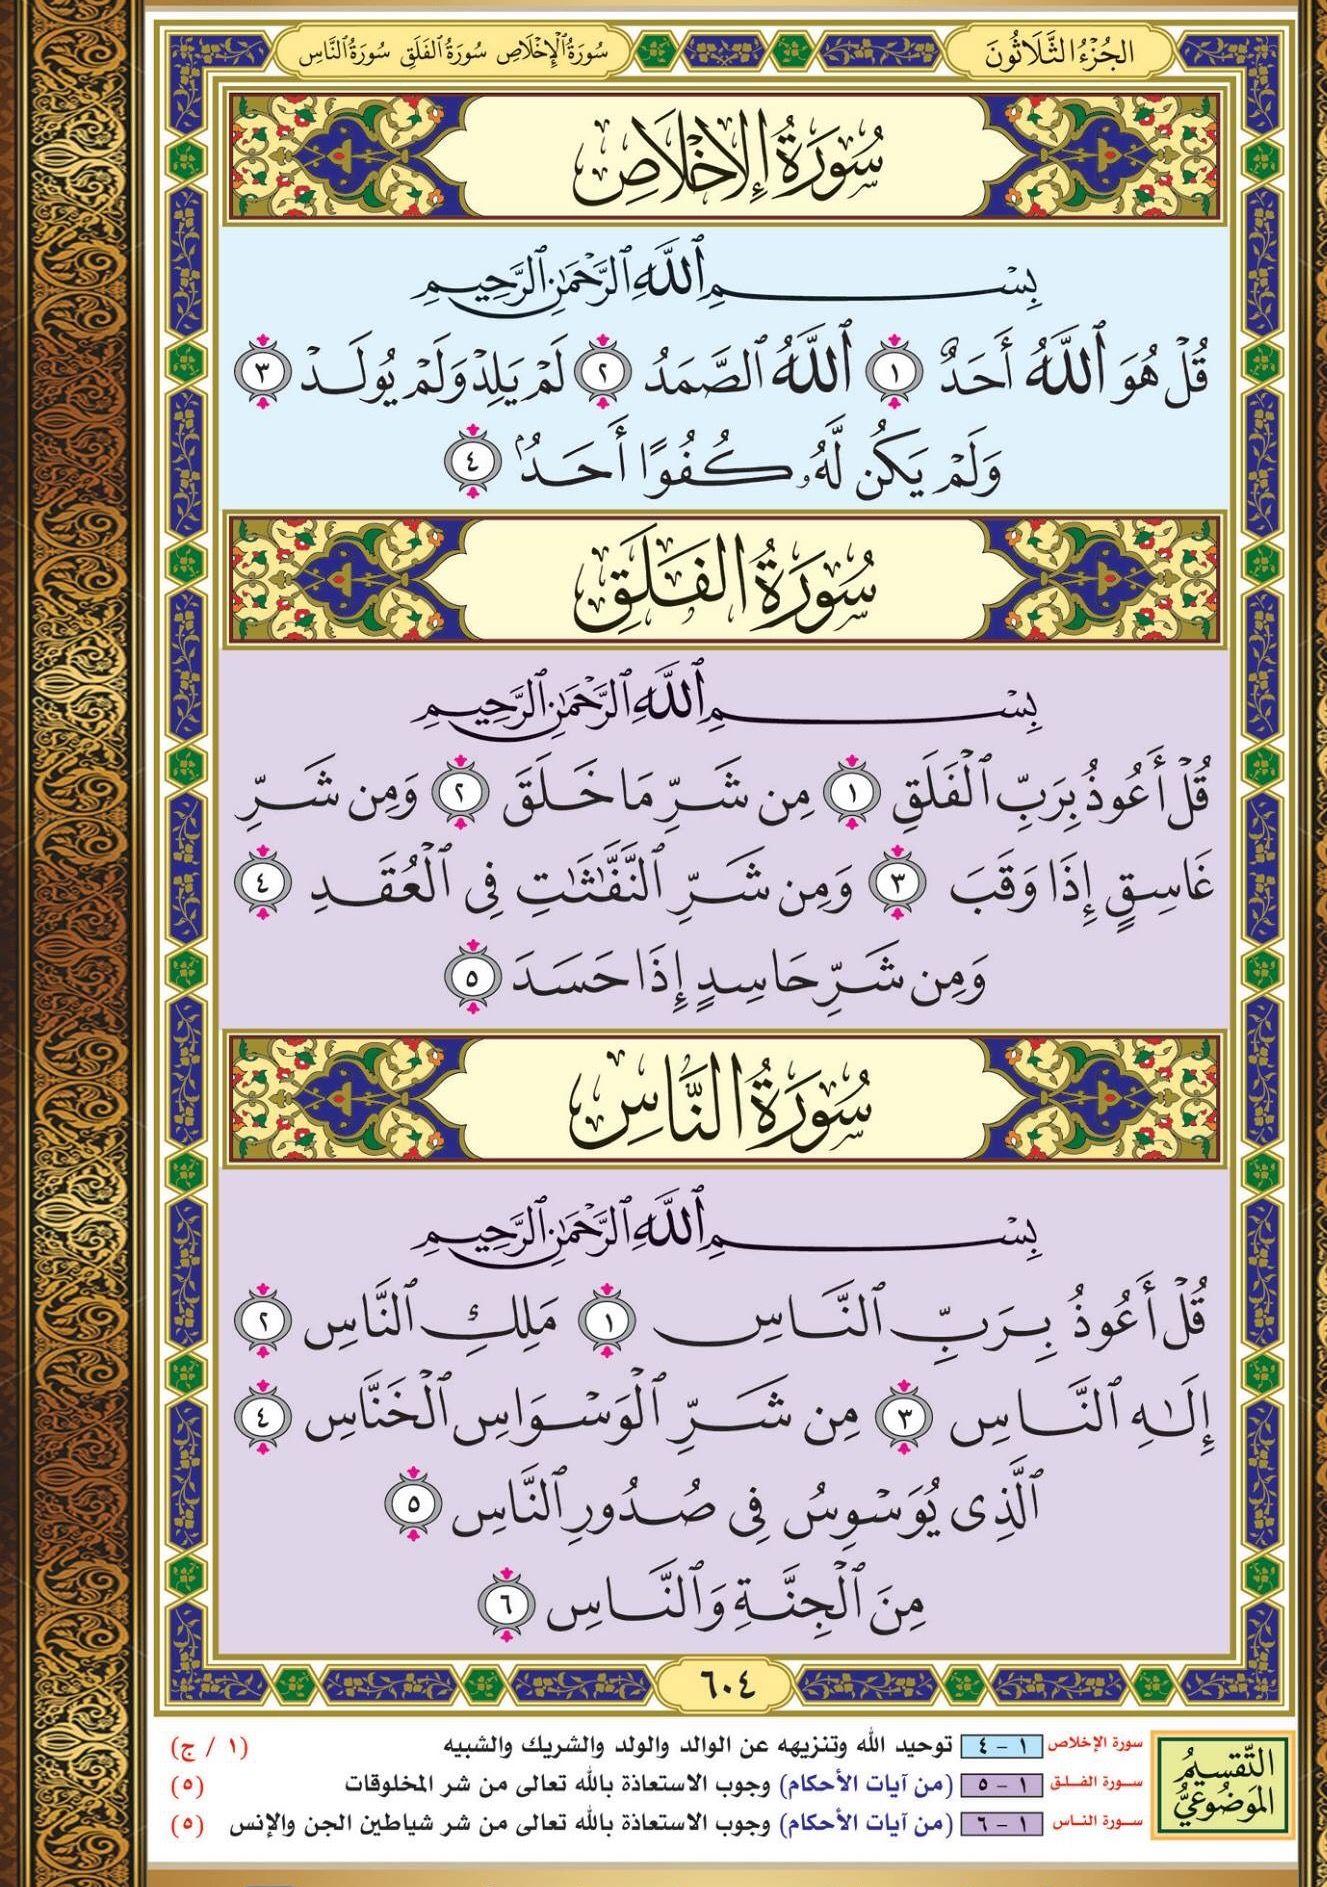 الإخلاص الفلق الناس مصحف التقسيم الموضوعي Islamic Messages Quran Verses Quran